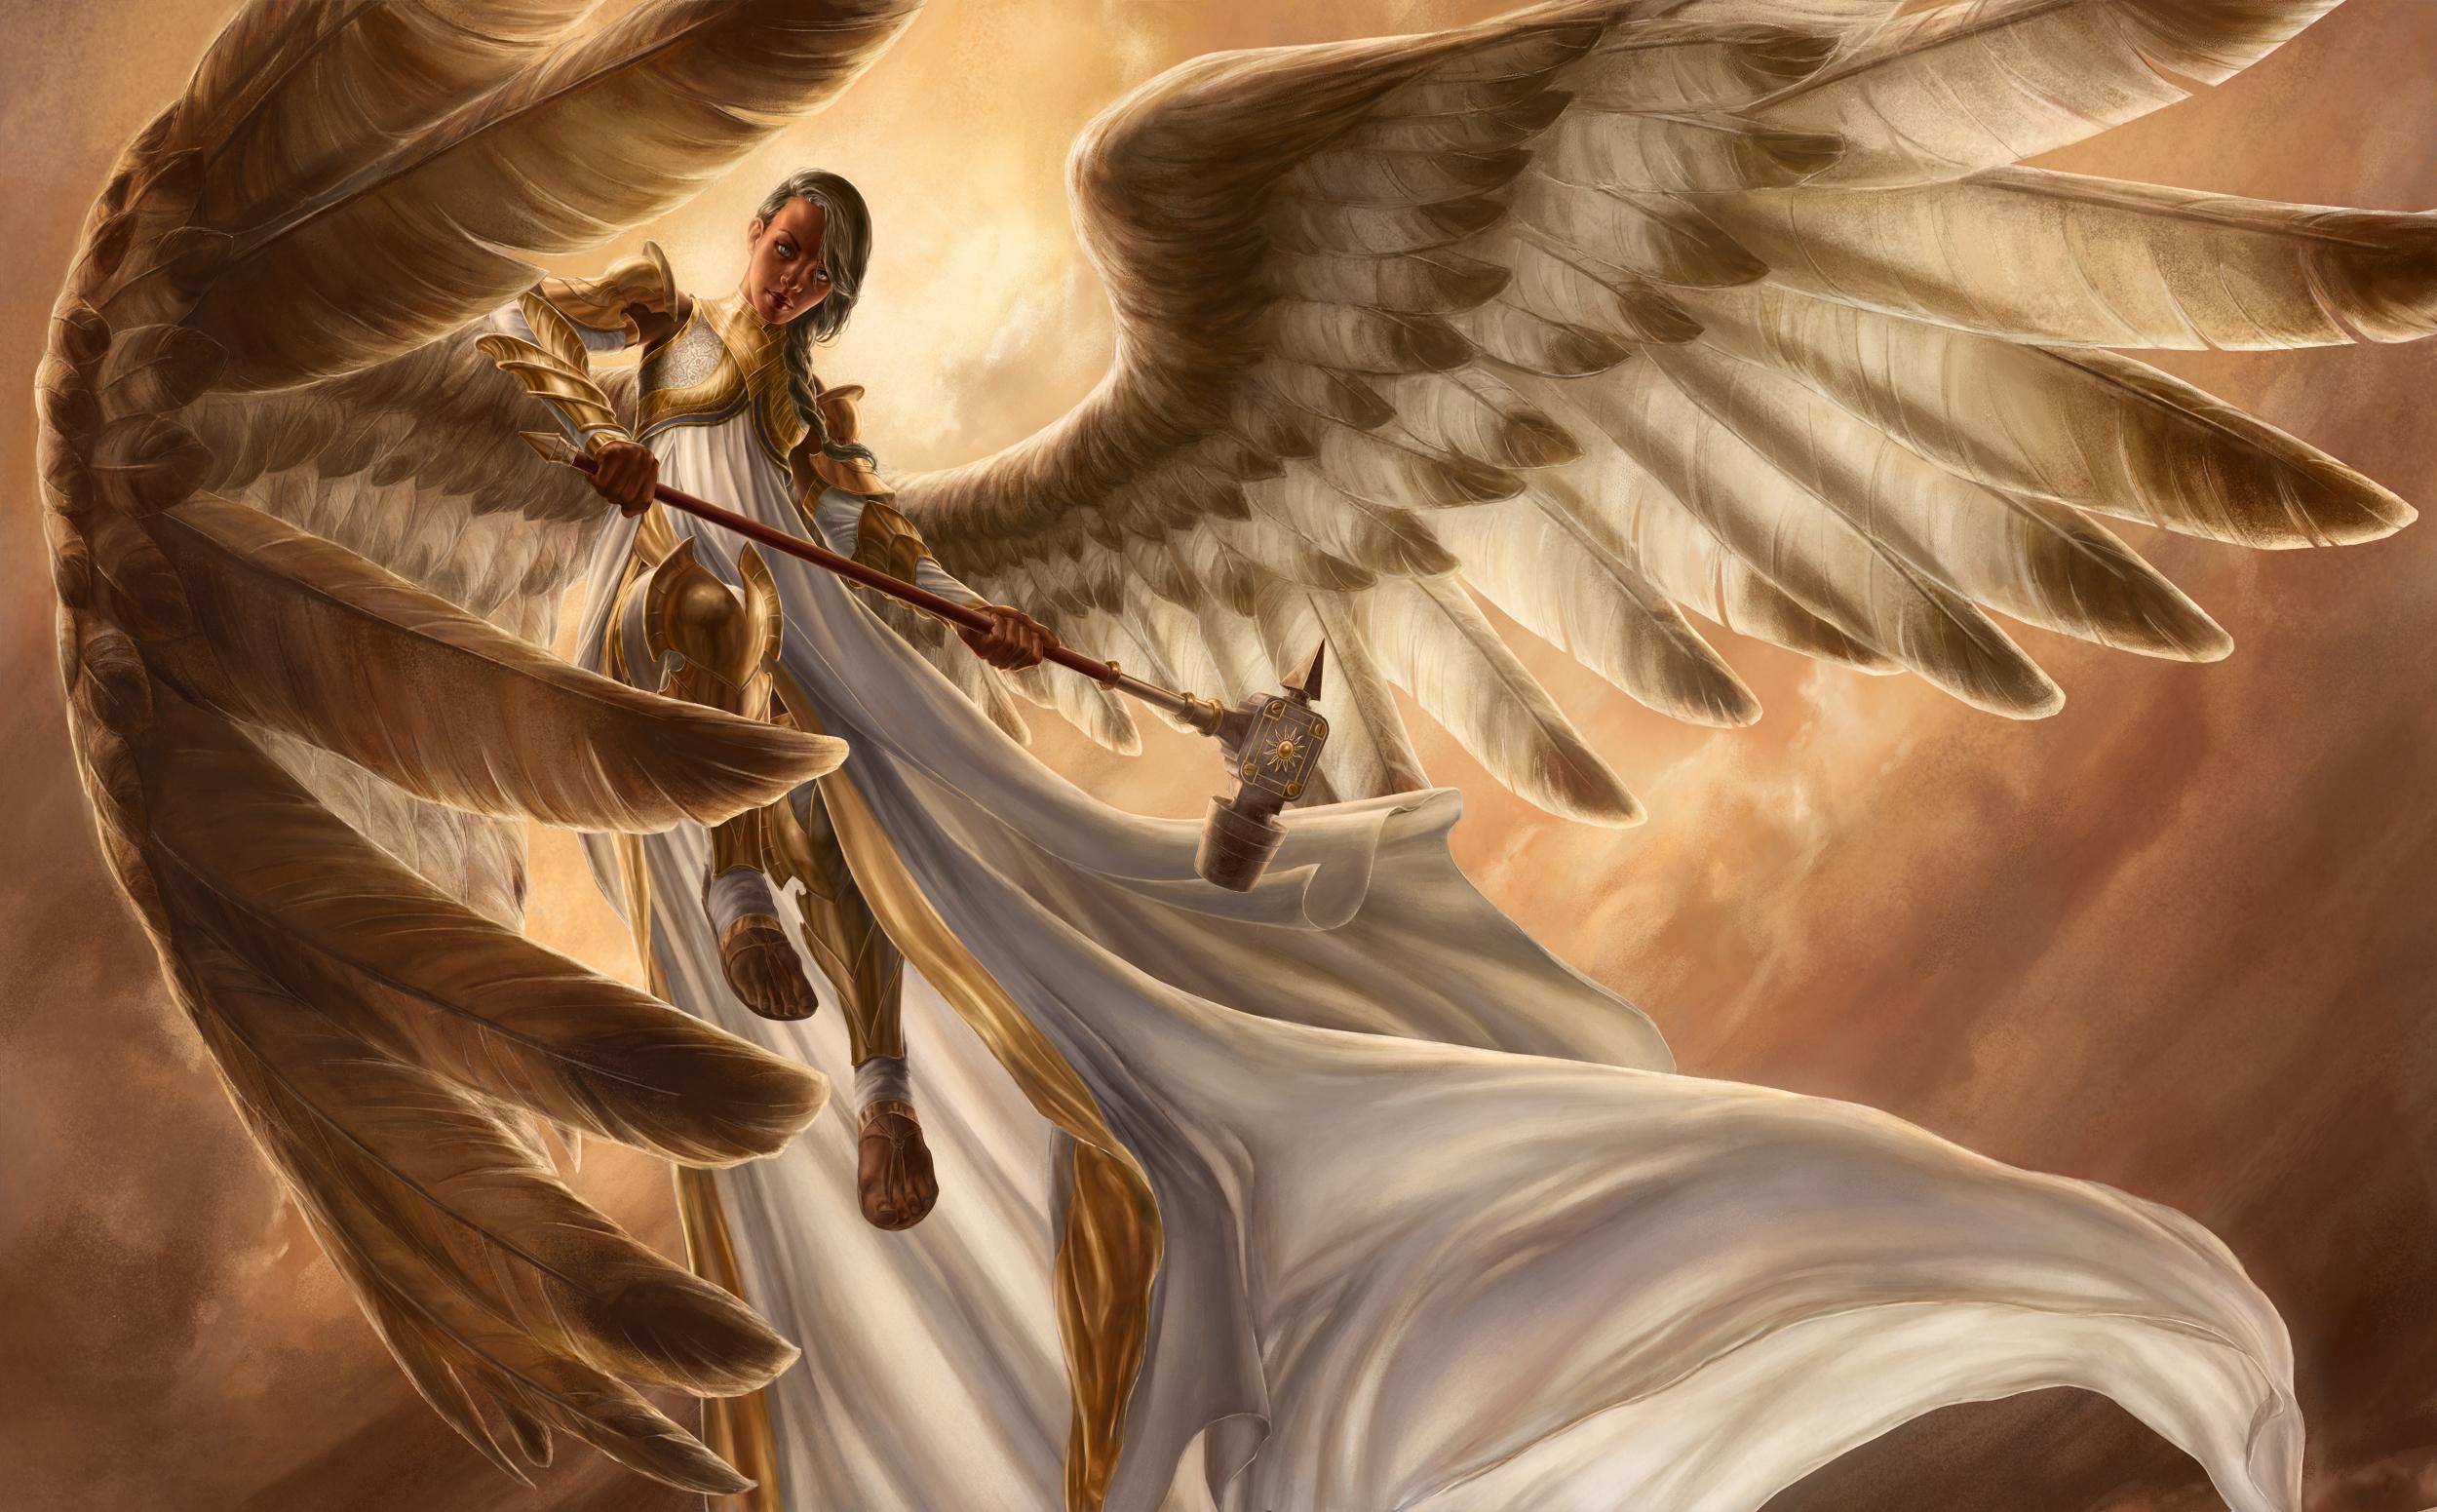 картинки архангелов на рабочий стол украшают вышивкой виде